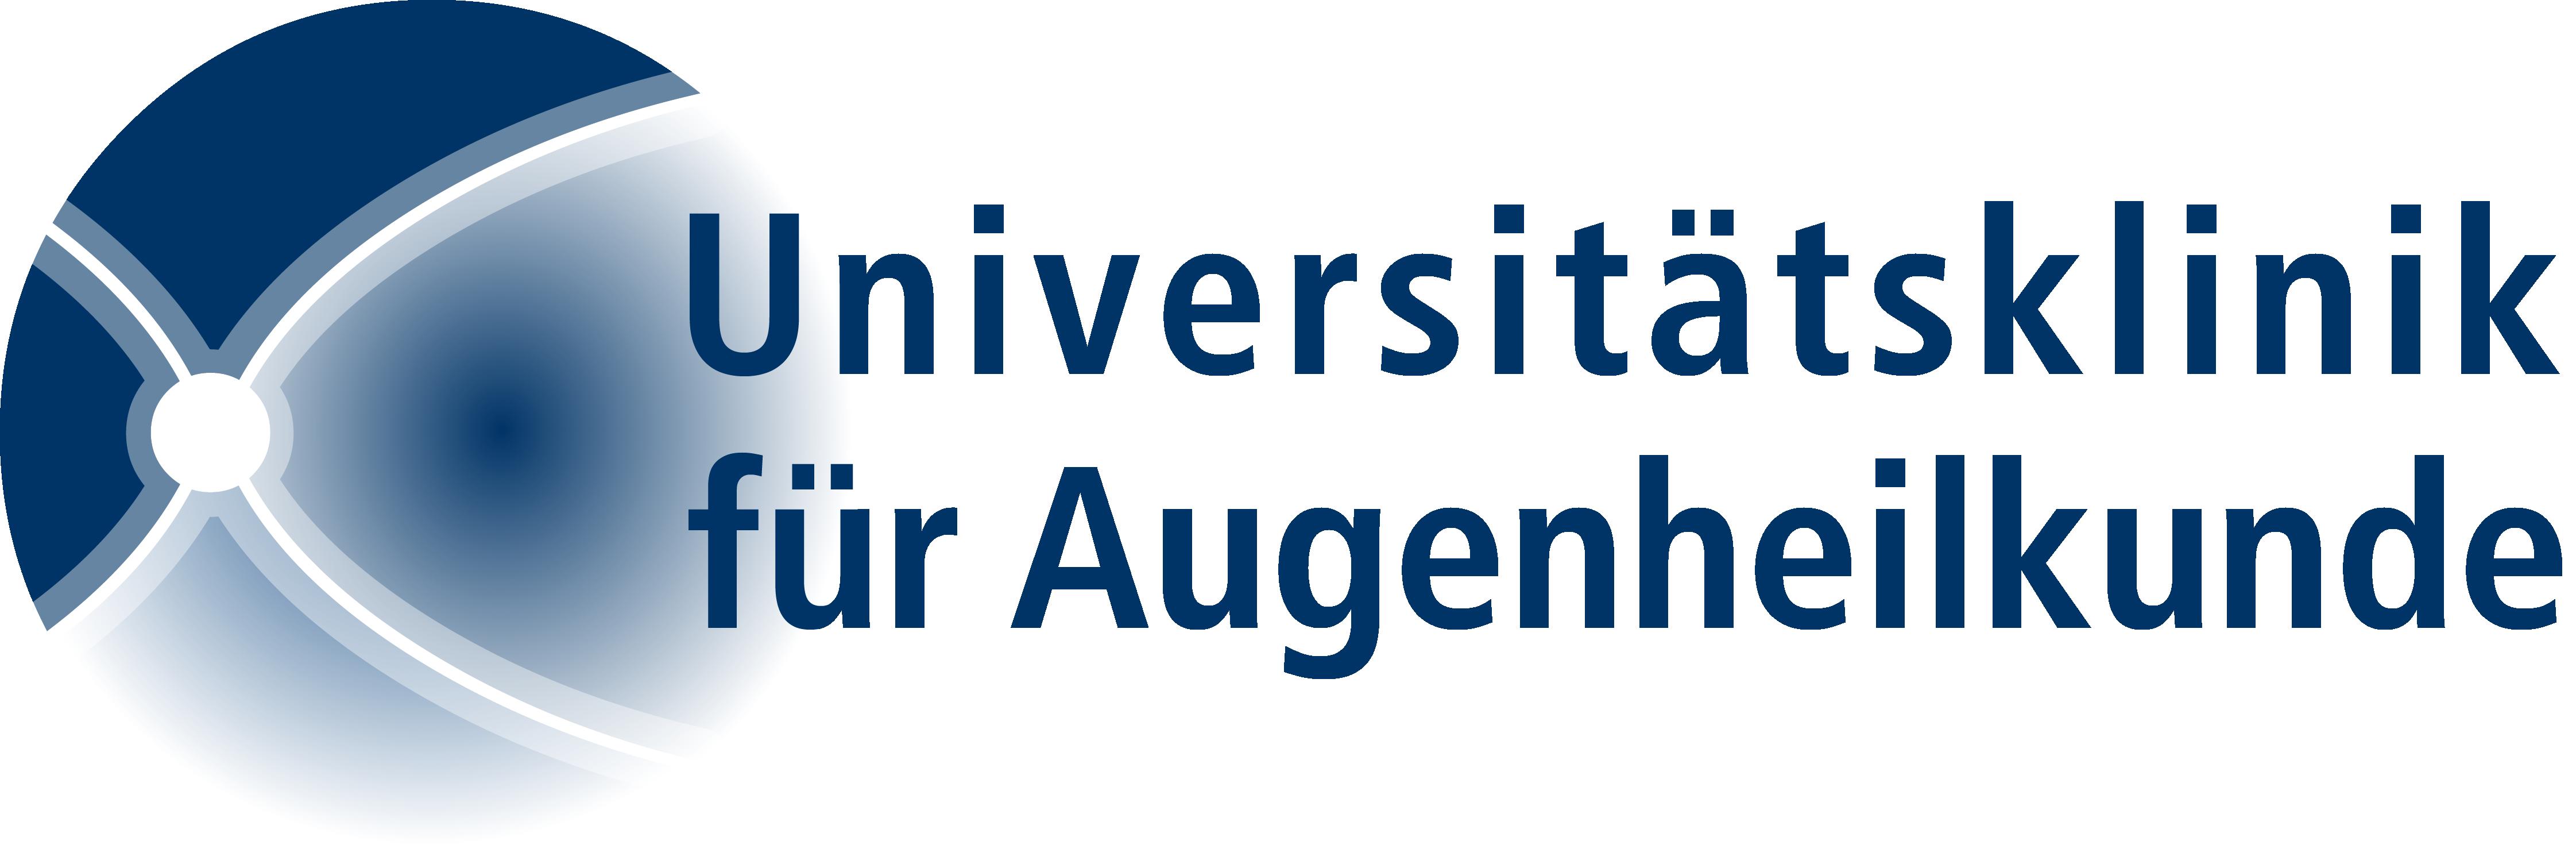 Logo Universitätsklinik für Augenheilkunde